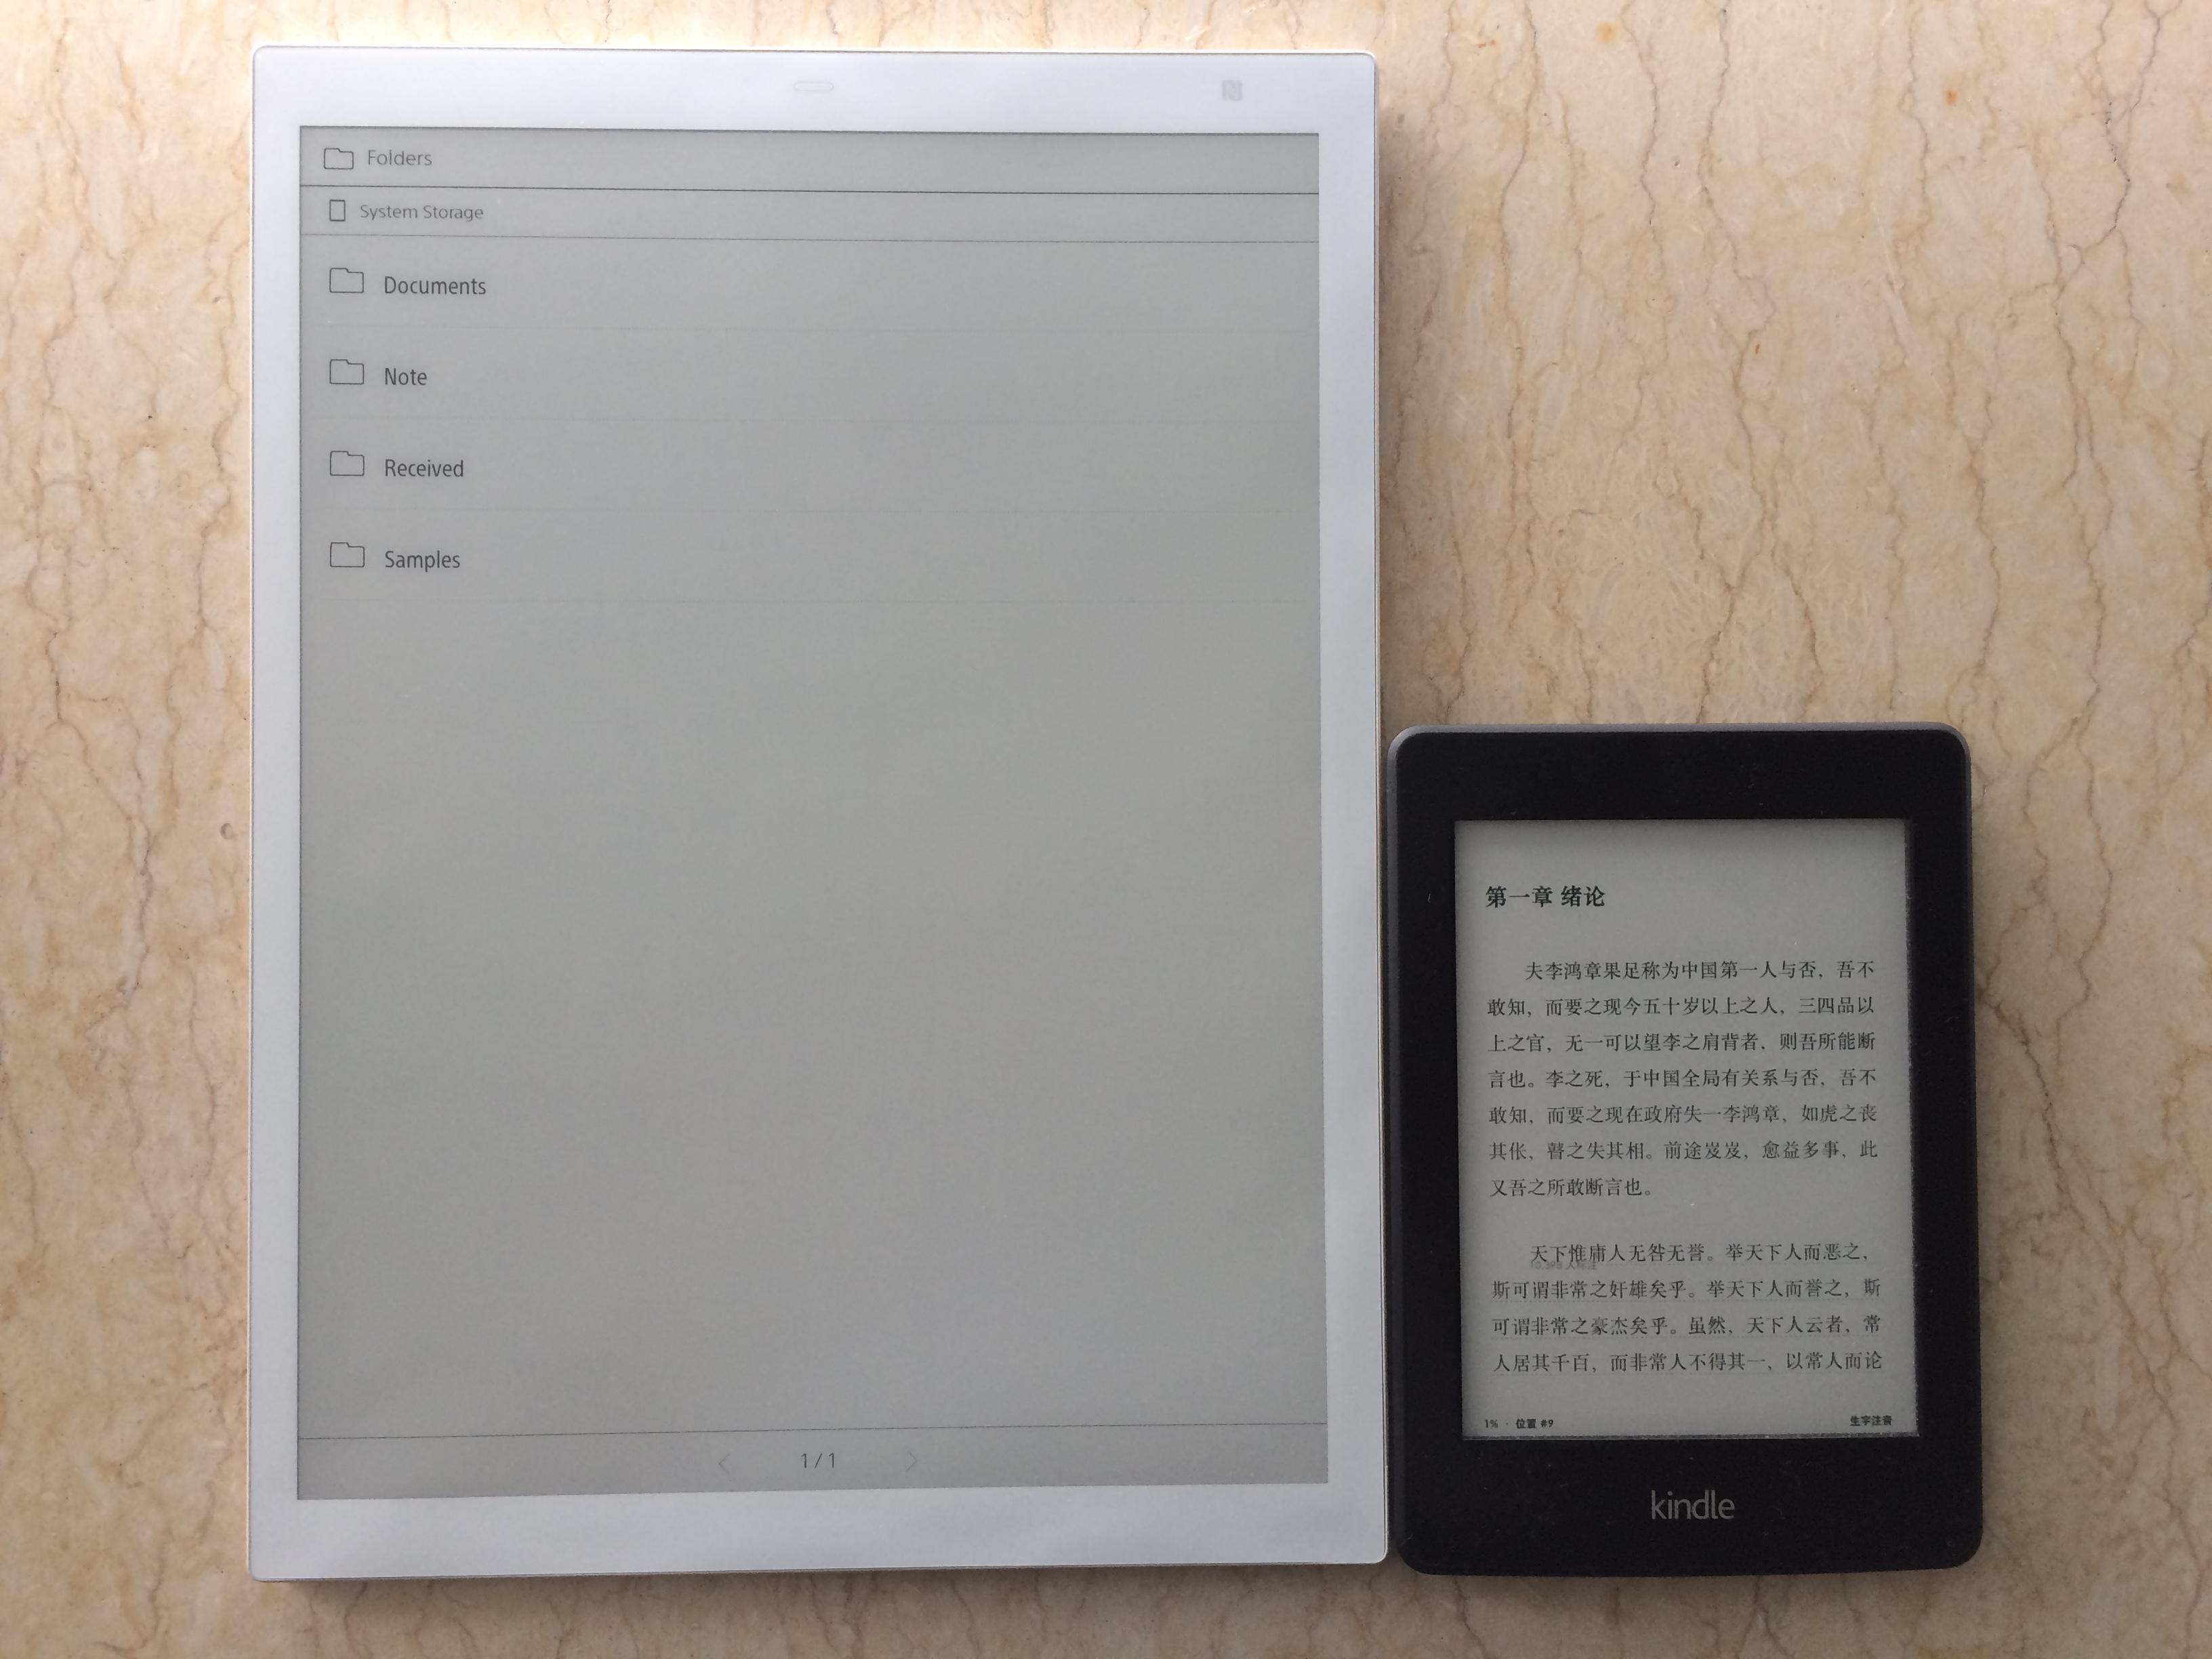 和Kindle的对比